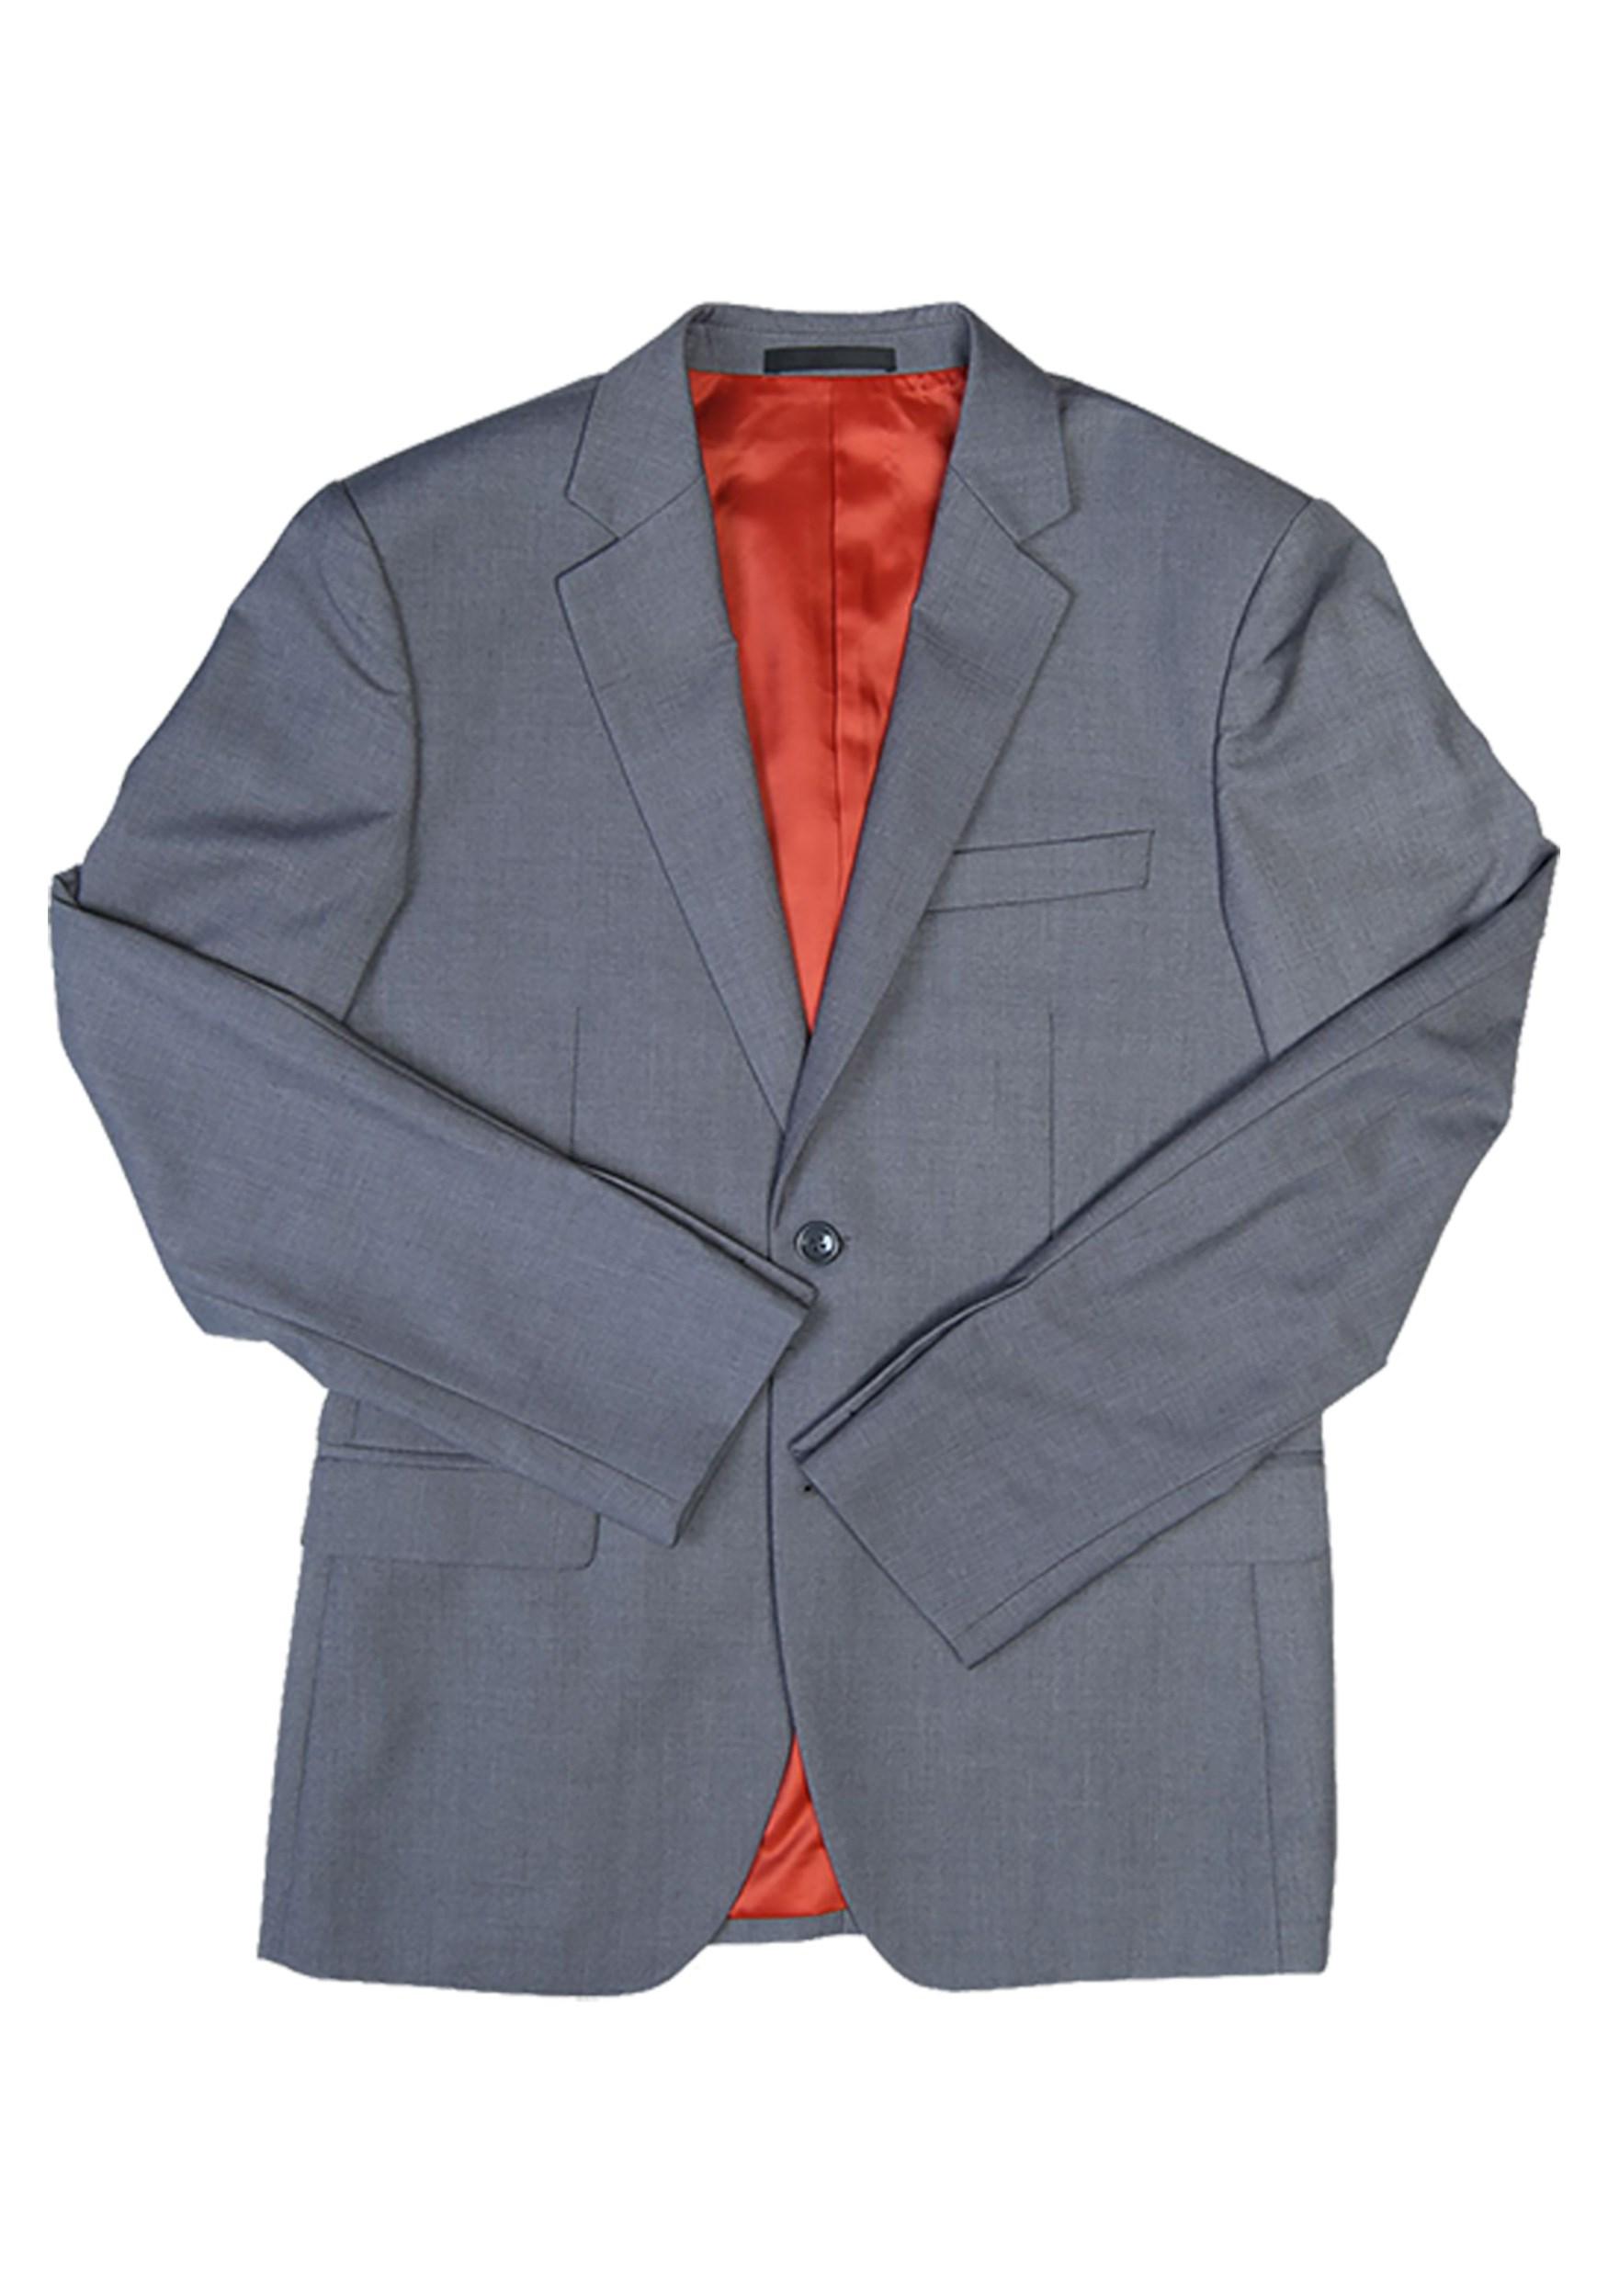 THE JOKER Slim Fit Suit Jacket (Authentic)